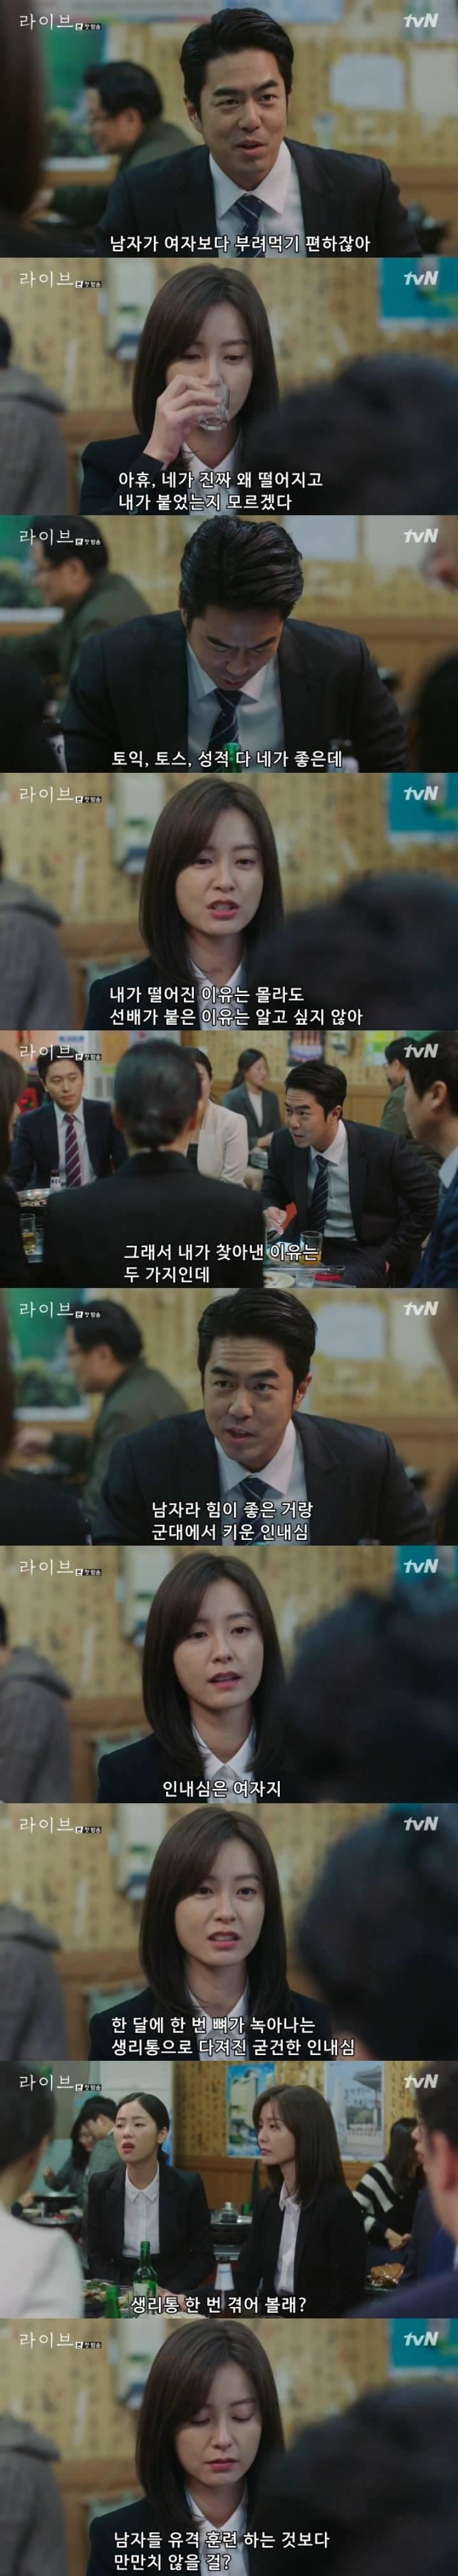 취집 전 82년생 김지영 | 인스티즈